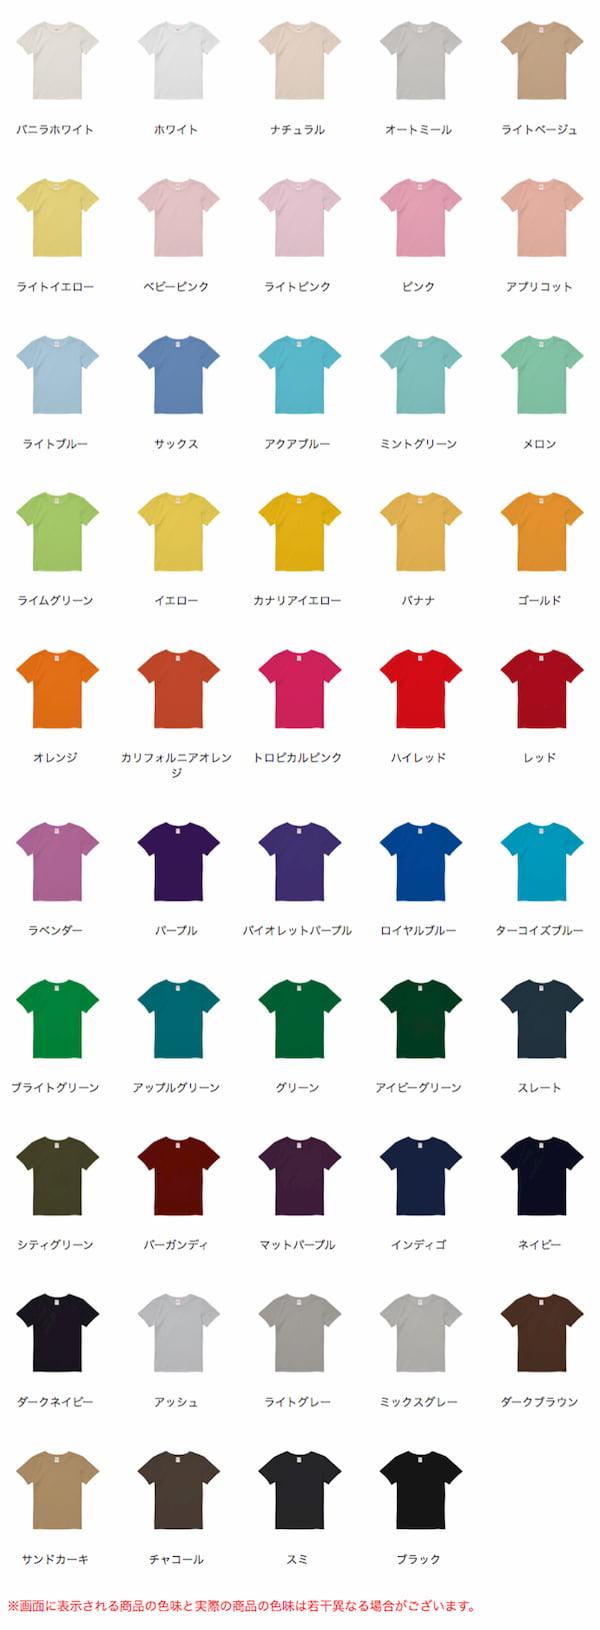 プライムレディースTシャツのカラー